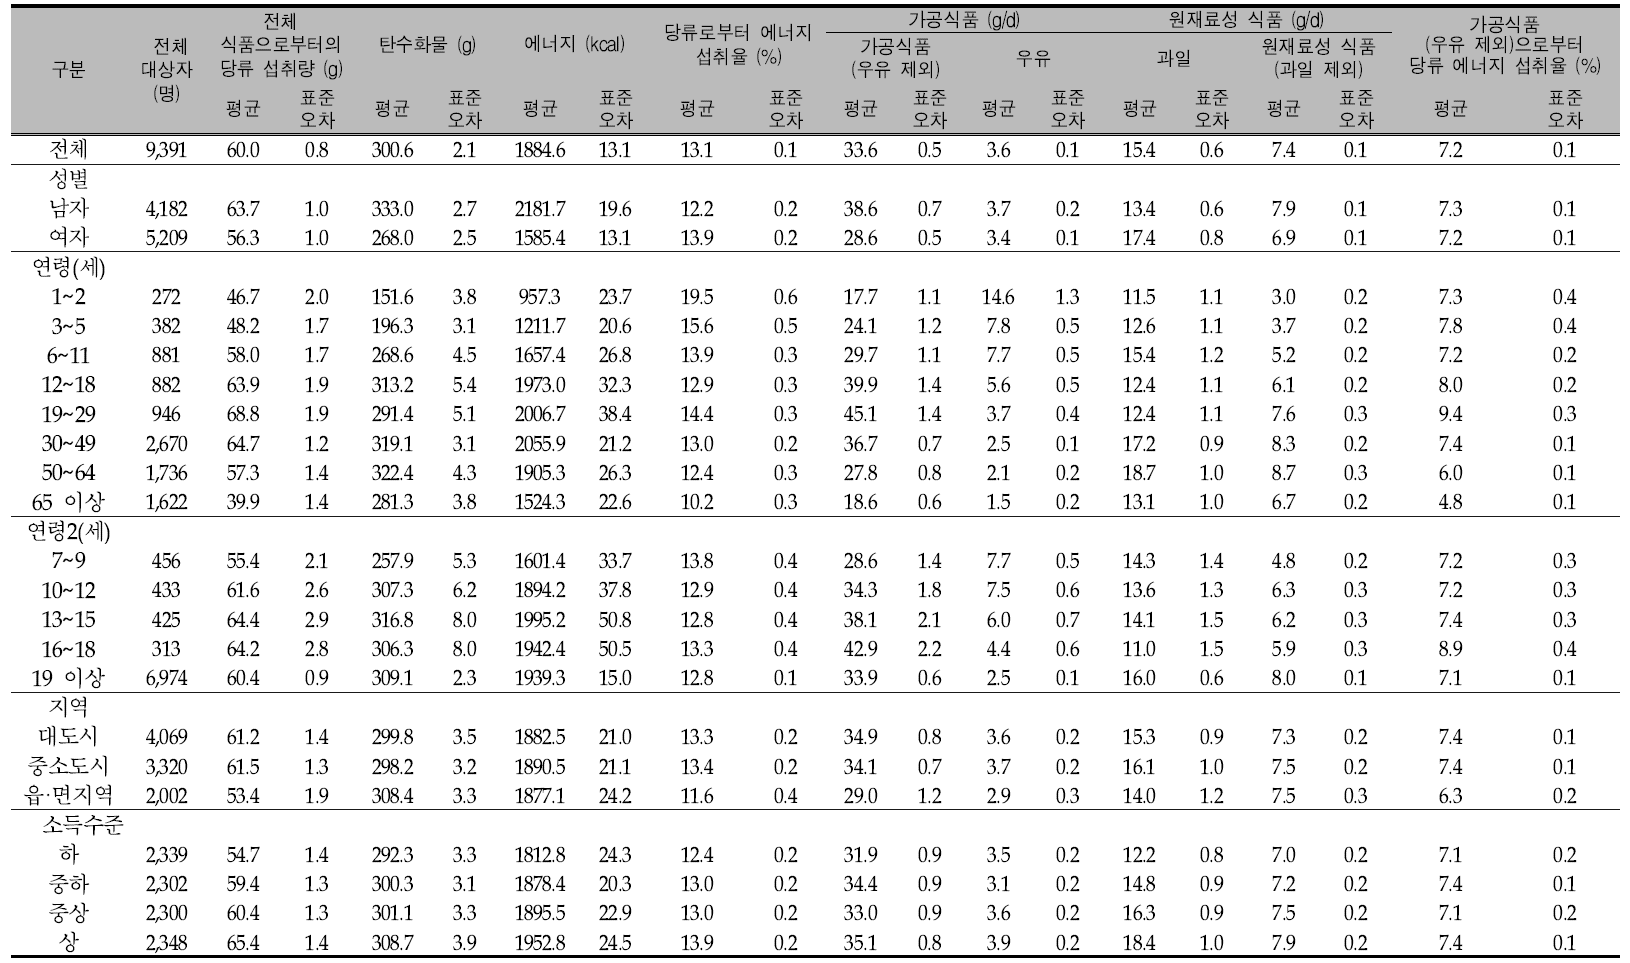 우리 국민의 1인1일 평균 당류 섭취량(성별, 연령별, 지역별, 소득수준별): 국민건강영양조사 2009년